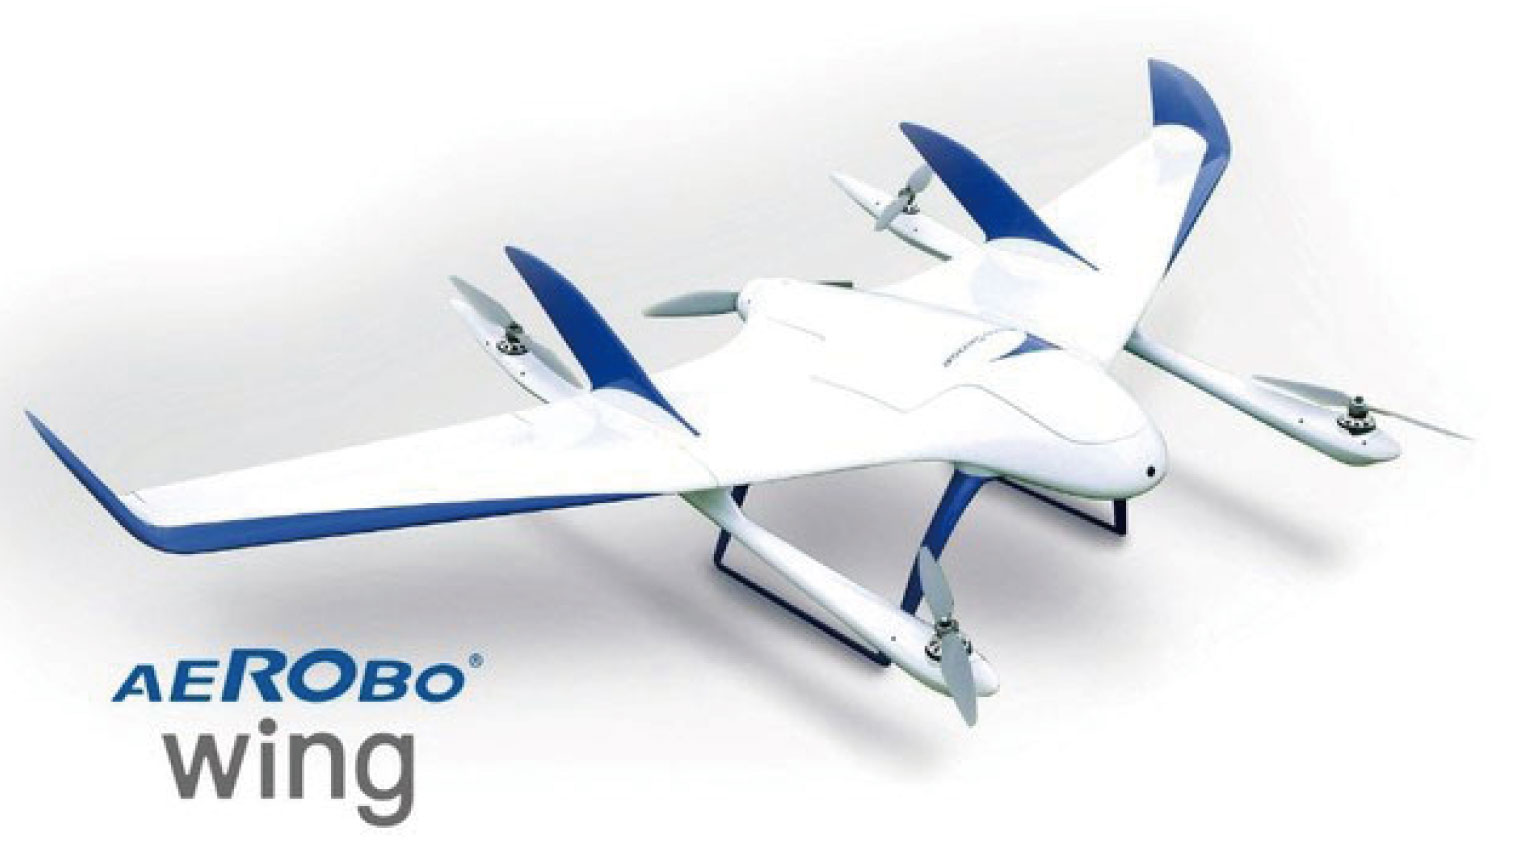 エアロボウイング(Aerobo Wing)